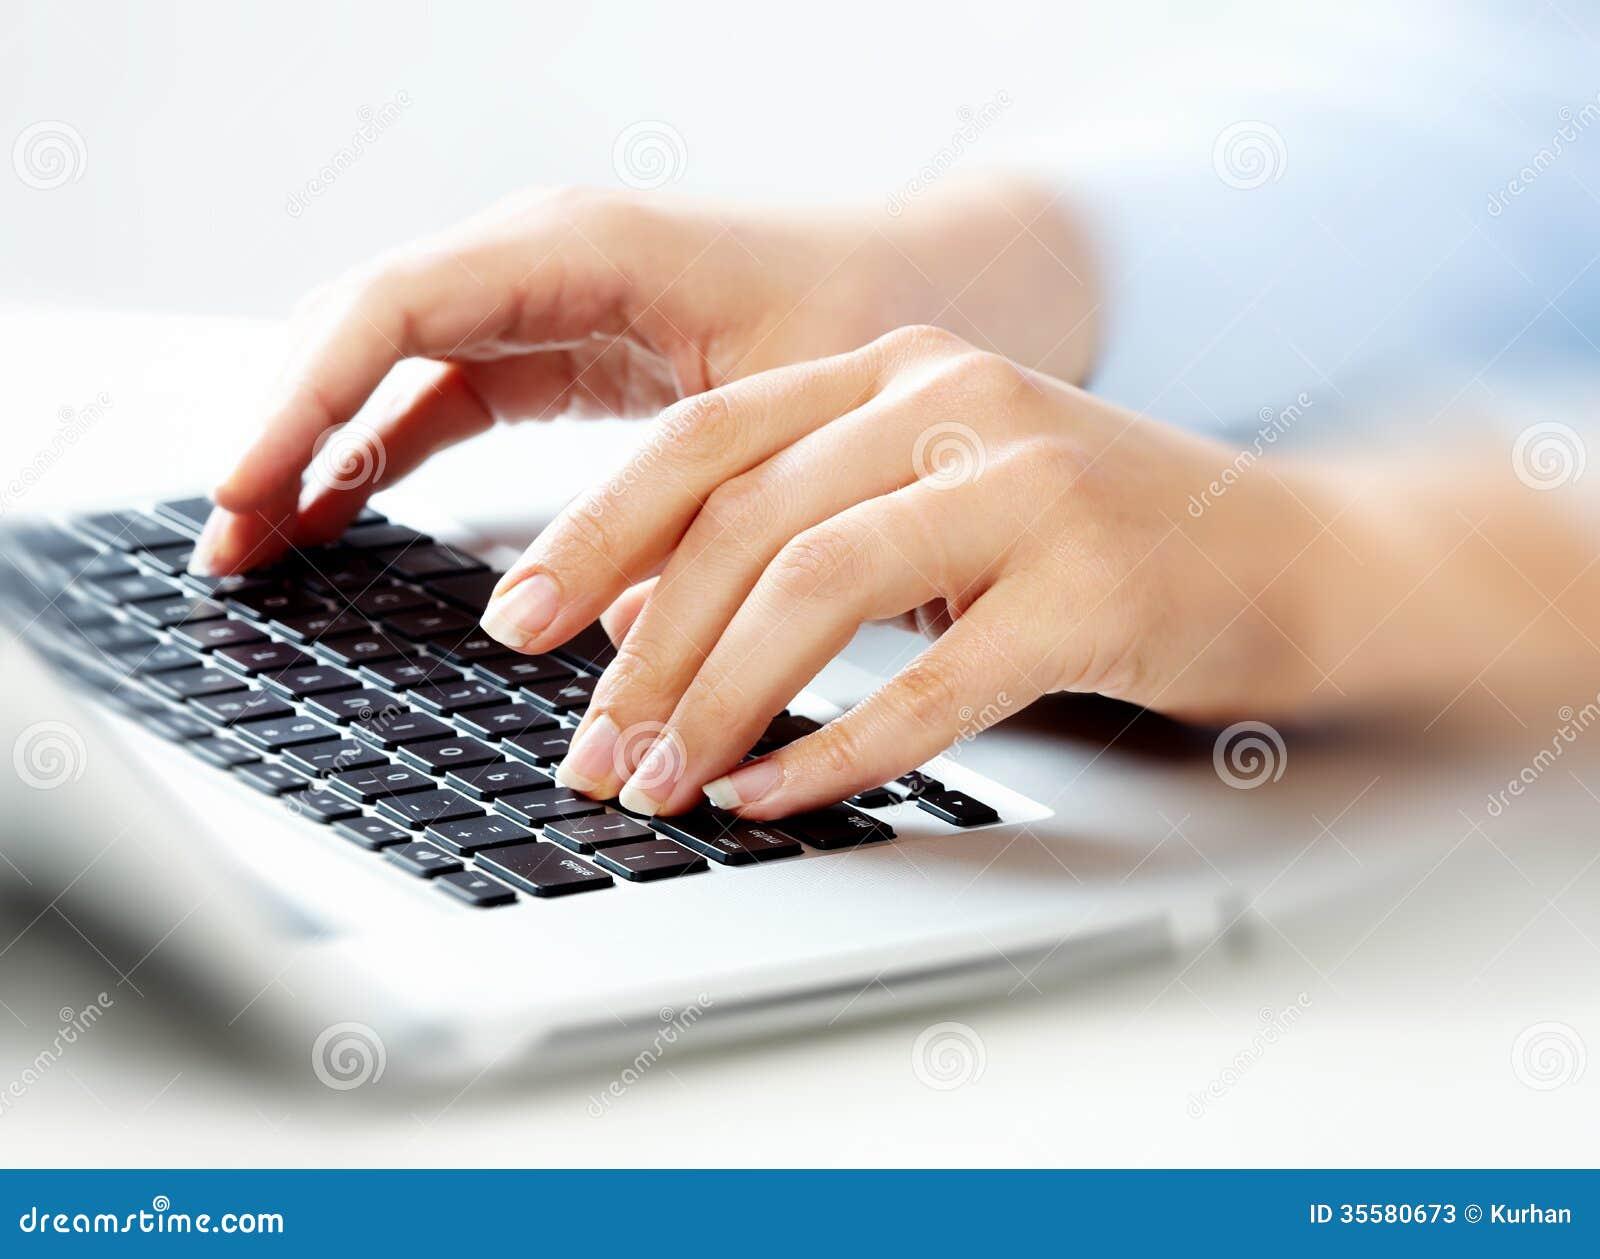 mains avec le clavier d 39 ordinateur portable photos stock. Black Bedroom Furniture Sets. Home Design Ideas